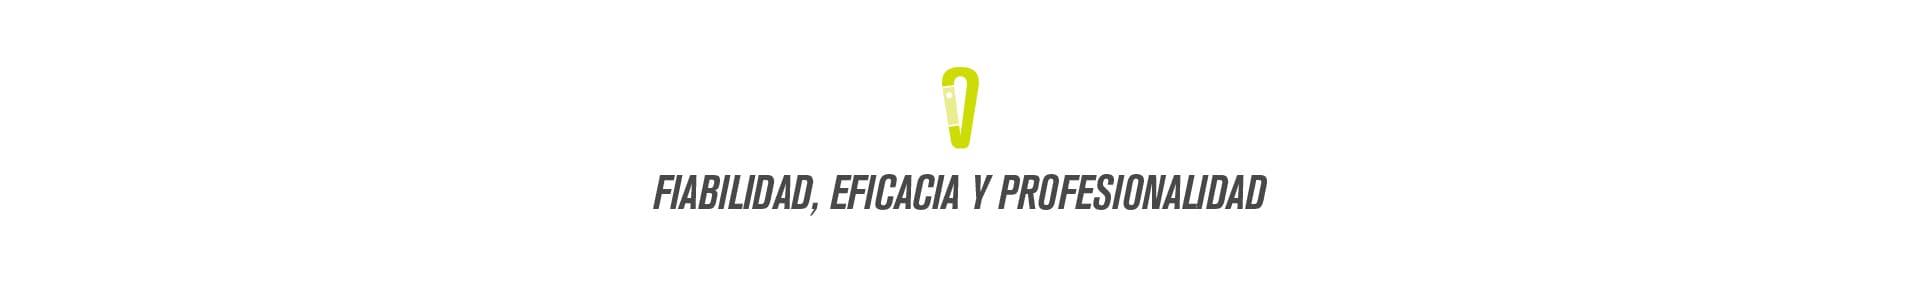 Fiabilidad, eficacia y profesionalidad